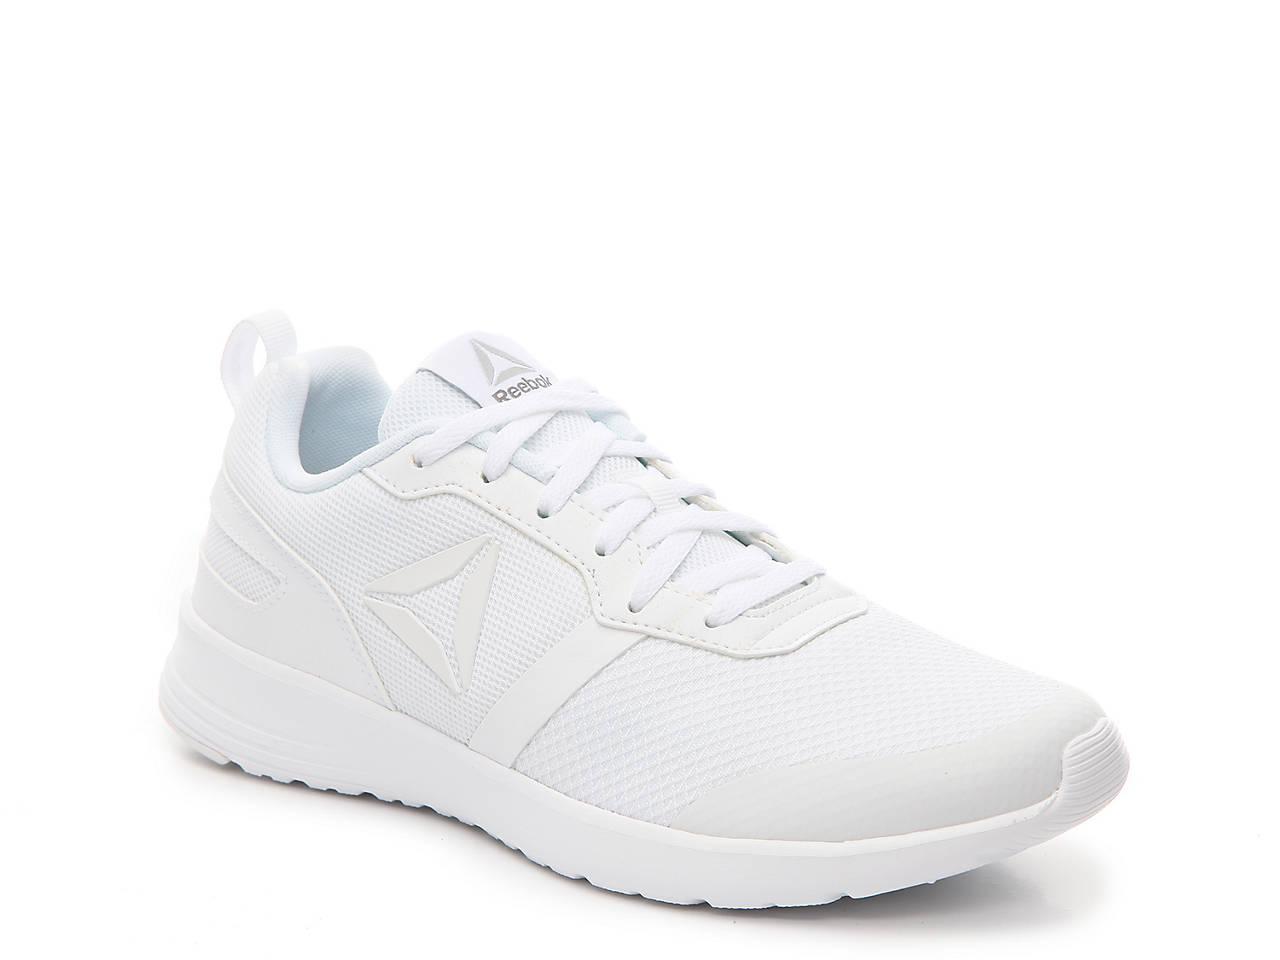 Reebok Foster Flyer Lightweight Running Shoe - Women s Women s Shoes ... 636960222